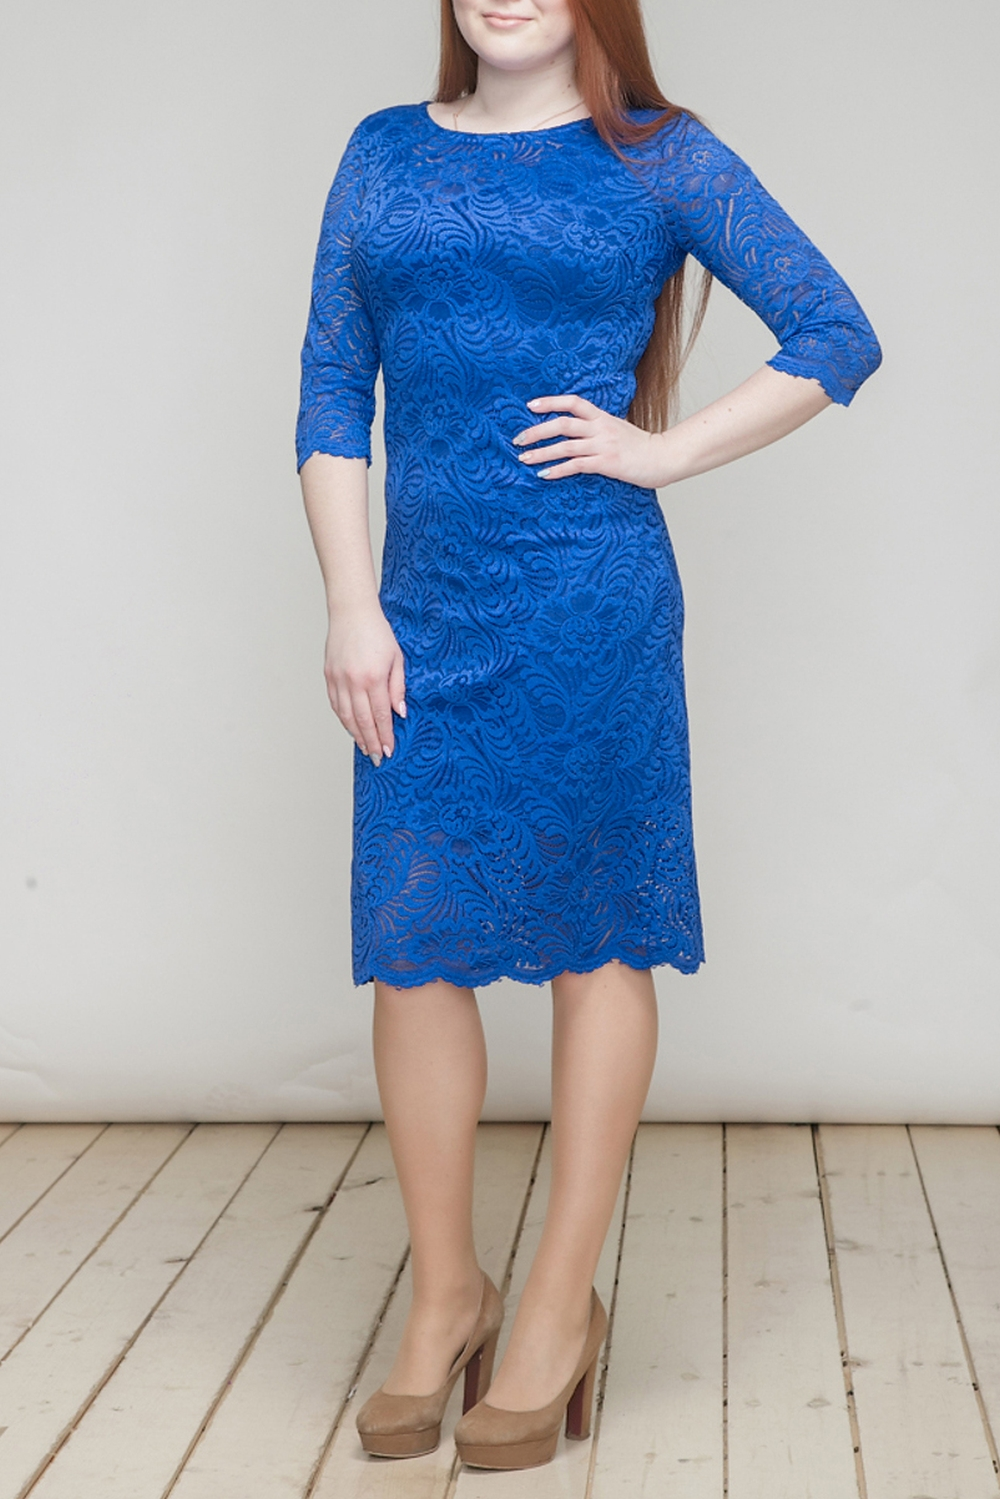 ПлатьеПлатья<br>Эффектное платье из роскошного гипюра. Отличный выбор для торжественного выхода.  Цвет: синий  Длина изделия: 44 размер - 94 см 46 размер - 95 см 48 размер - 96 см 50 размер - 97 см 52 размер - 98 см 54 размер - 99 см  Рост девушки-фотомодели 164 см<br><br>Горловина: С- горловина<br>По длине: Ниже колена<br>По материалу: Гипюр<br>По рисунку: Однотонные<br>По сезону: Весна,Зима,Лето,Осень,Всесезон<br>По силуэту: Приталенные<br>По стилю: Нарядный стиль,Вечерний стиль<br>По форме: Платье - футляр<br>По элементам: С подкладом,С разрезом<br>Разрез: Короткий<br>Рукав: Рукав три четверти<br>Размер : 44,46,48<br>Материал: Гипюр<br>Количество в наличии: 3